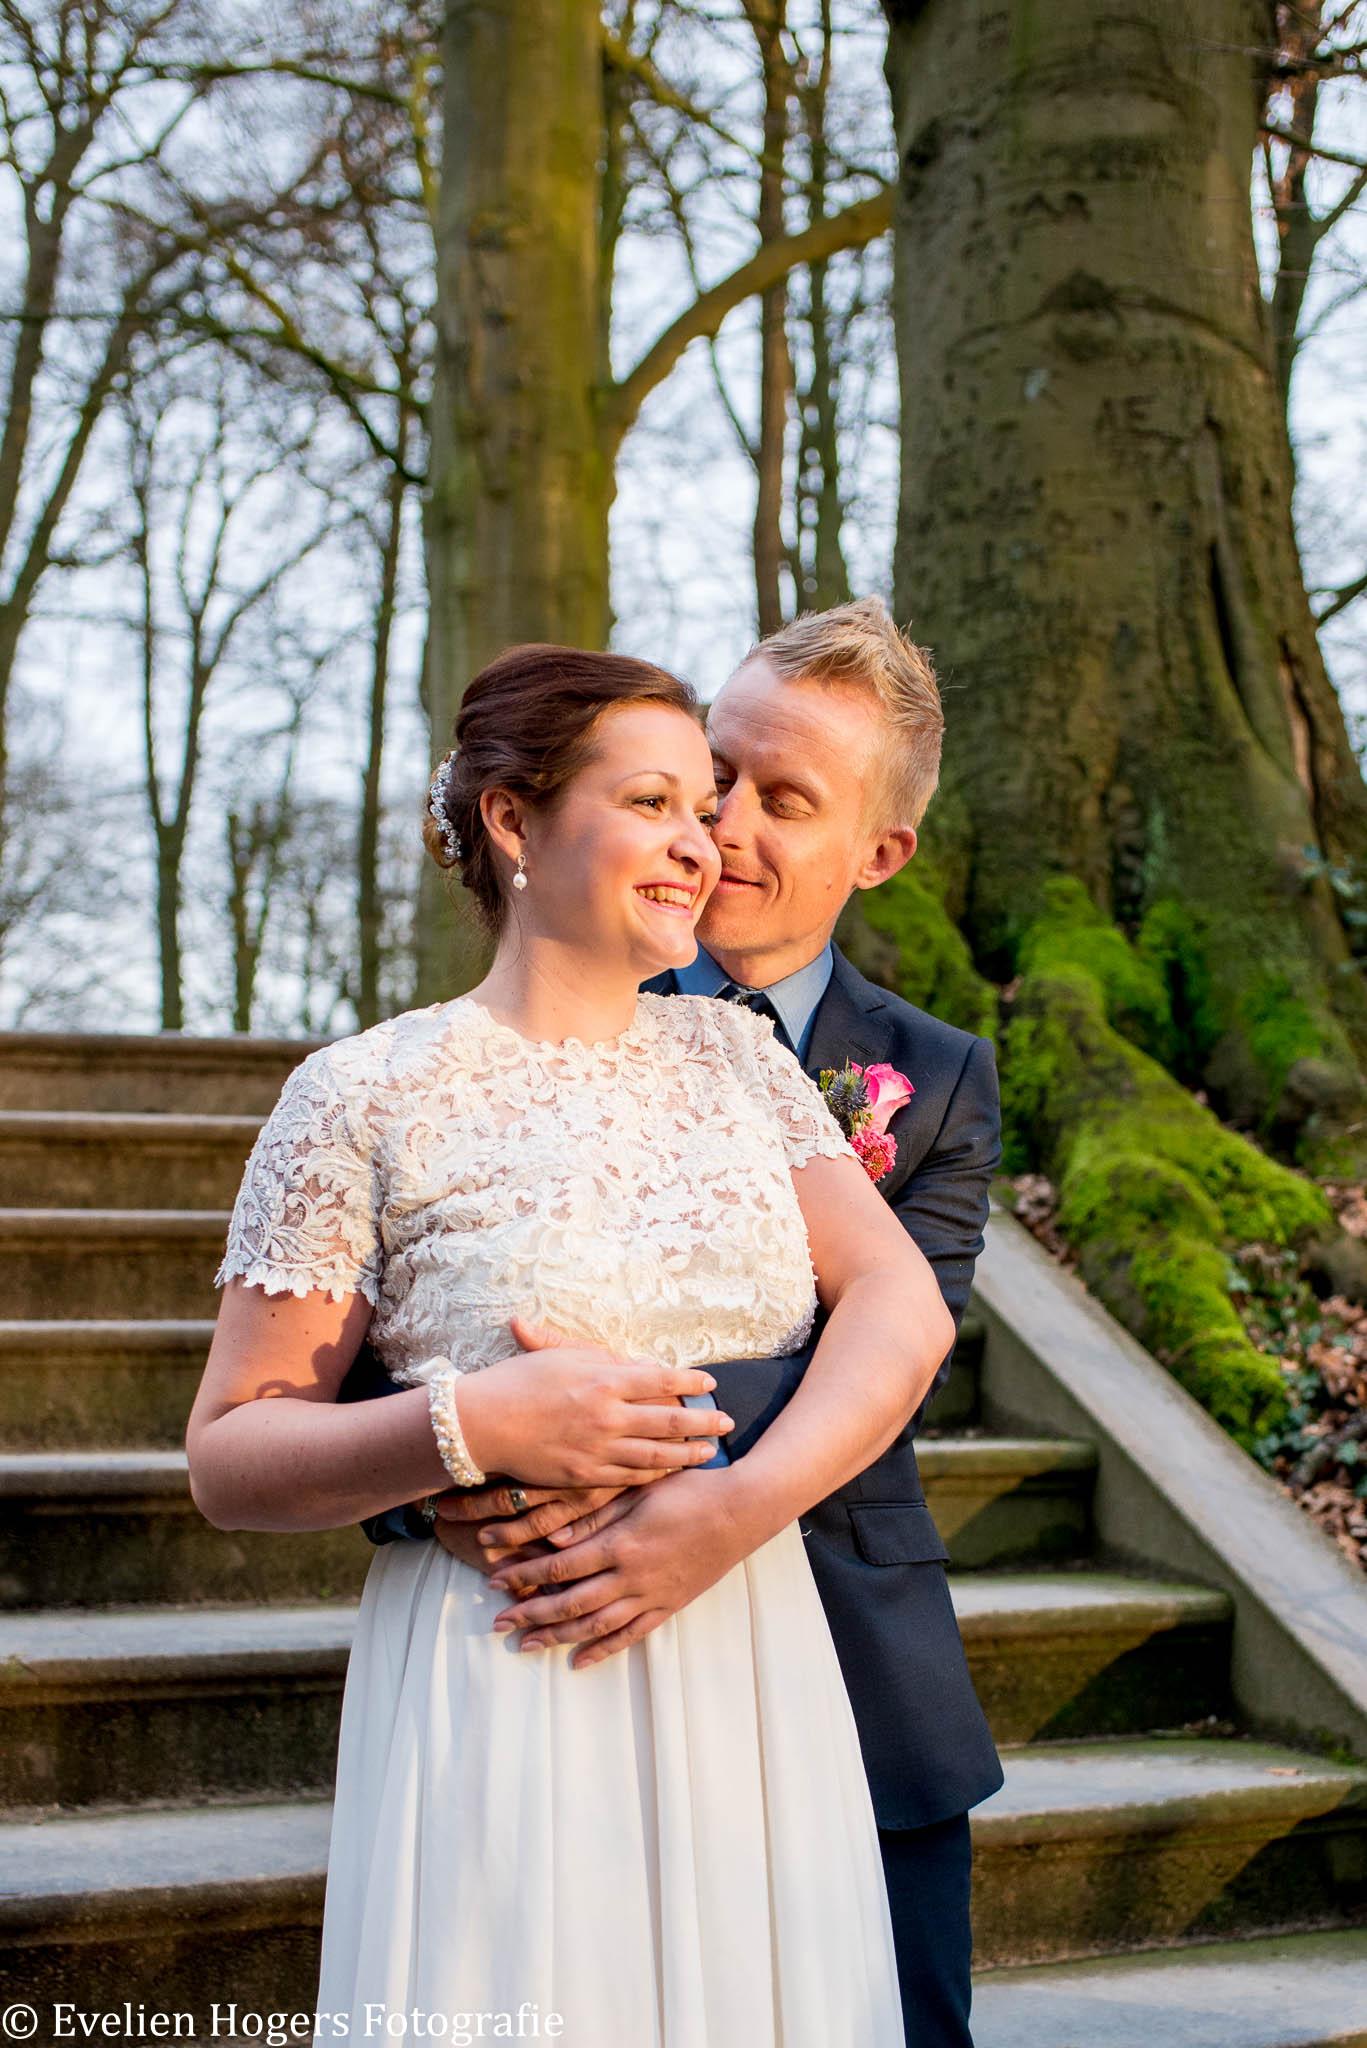 Estate_wedding_Metwatermerk-75.jpg